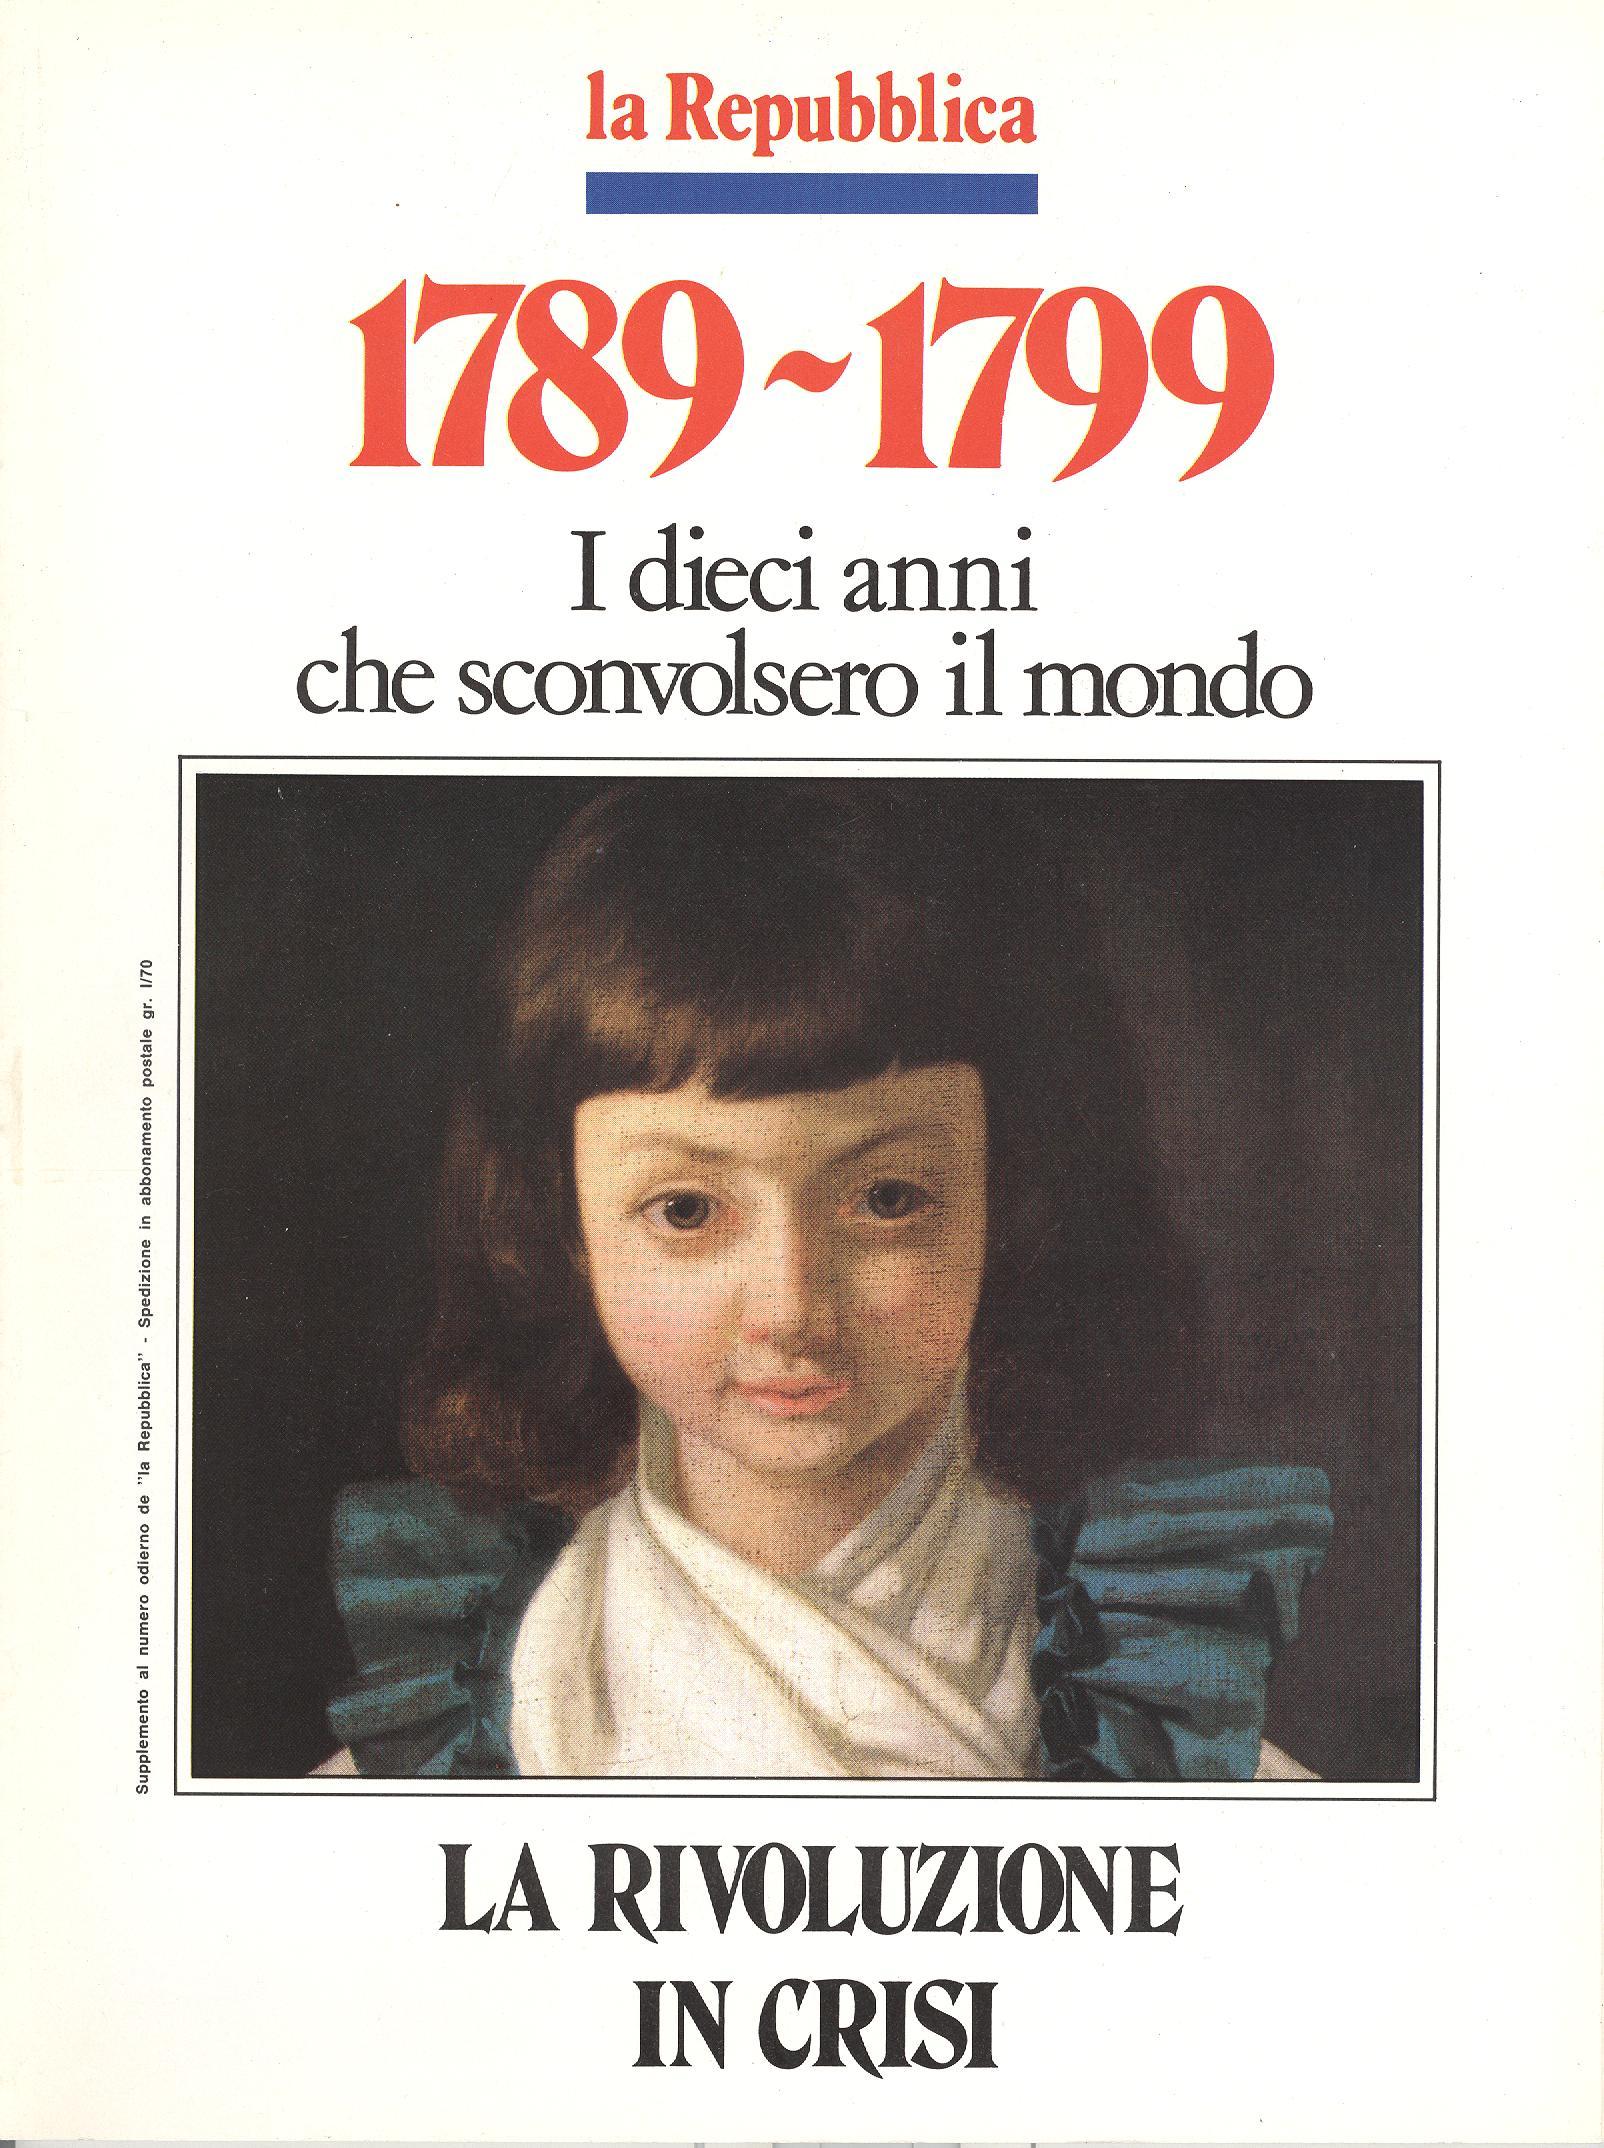 1789-1799 I dieci anni che sconvolsero il mondo - Vol. 5